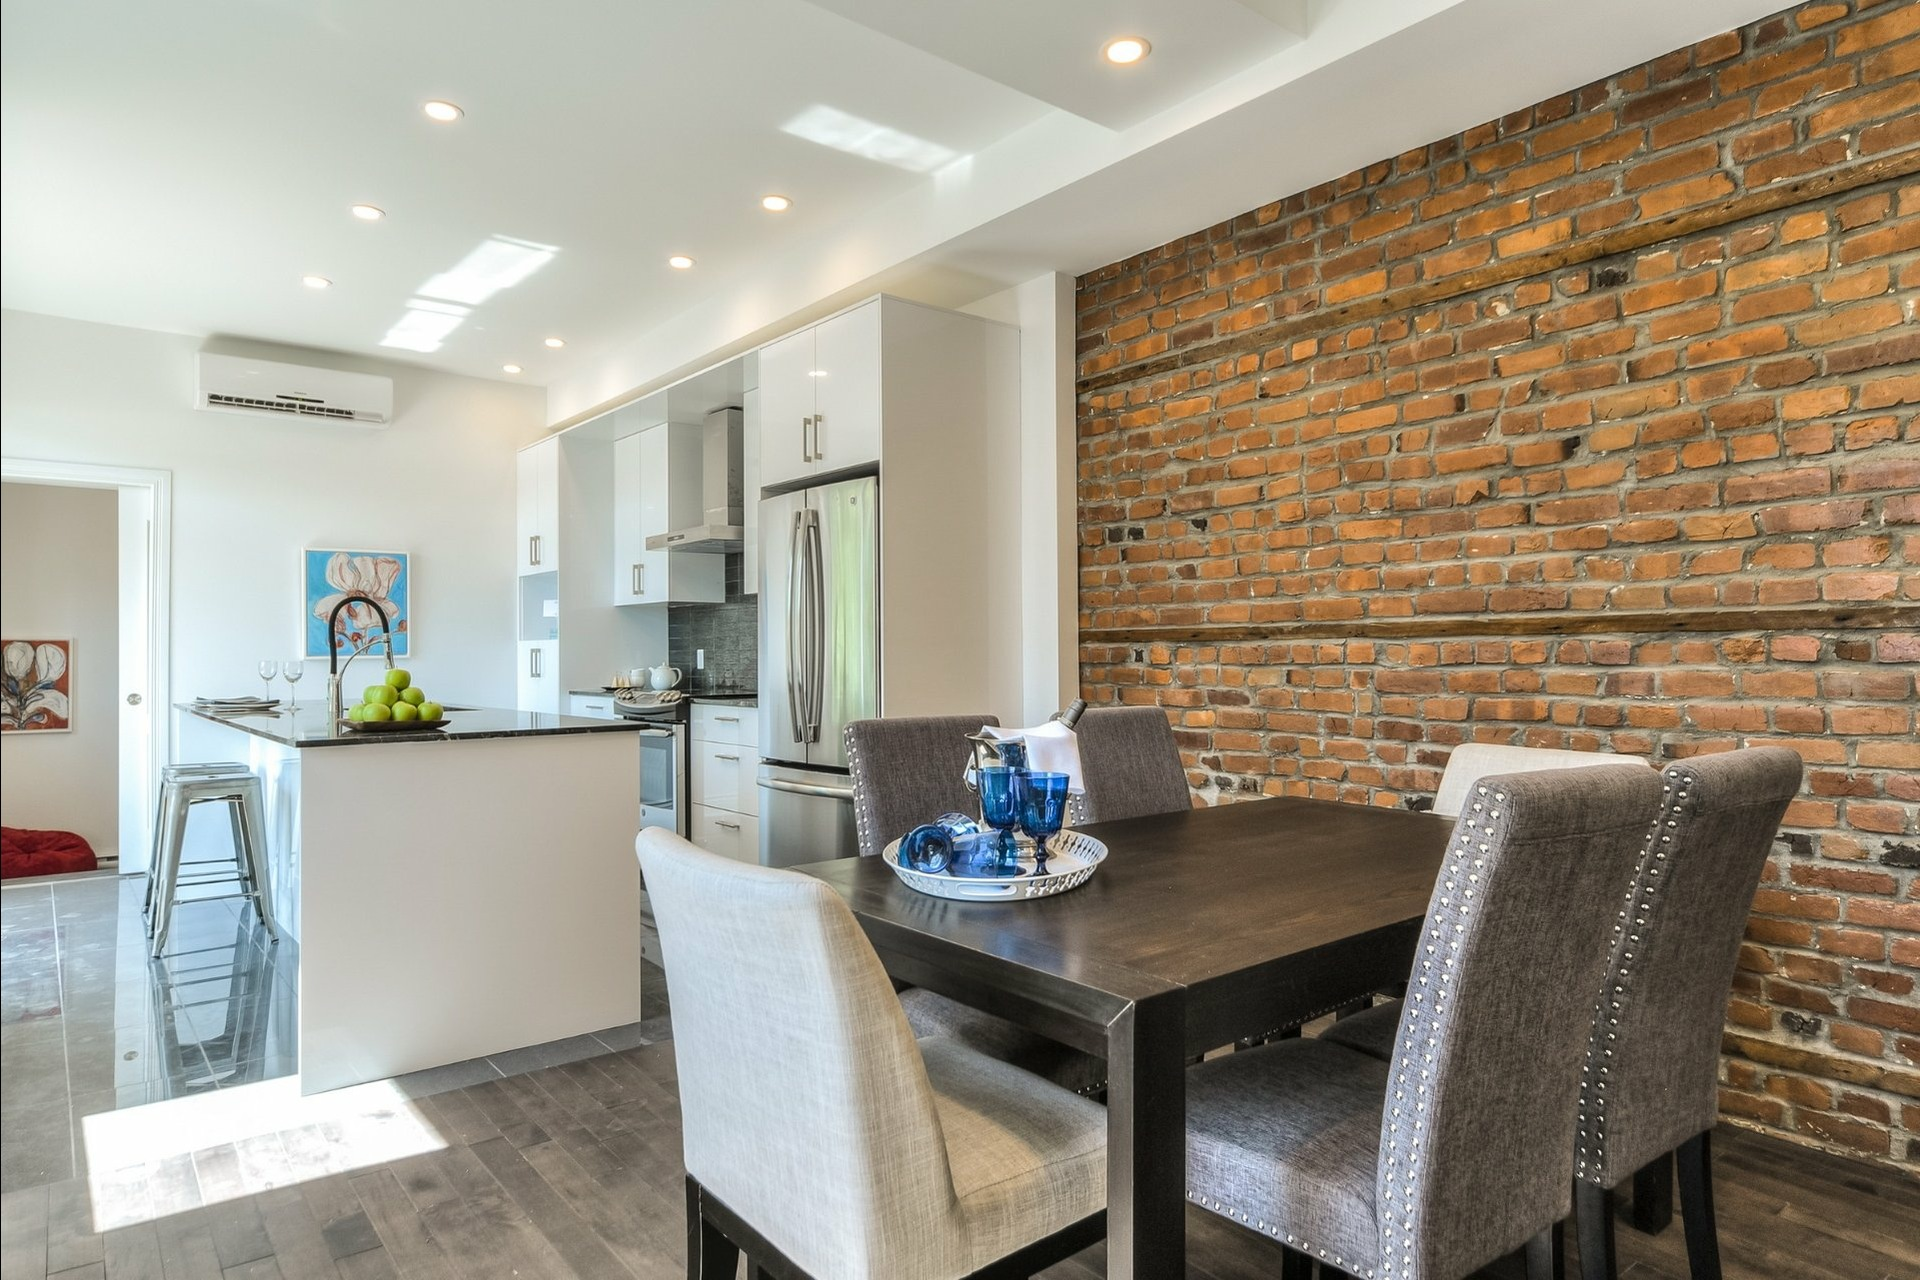 image 11 - Appartement À louer Montréal Le Plateau-Mont-Royal  - 7 pièces